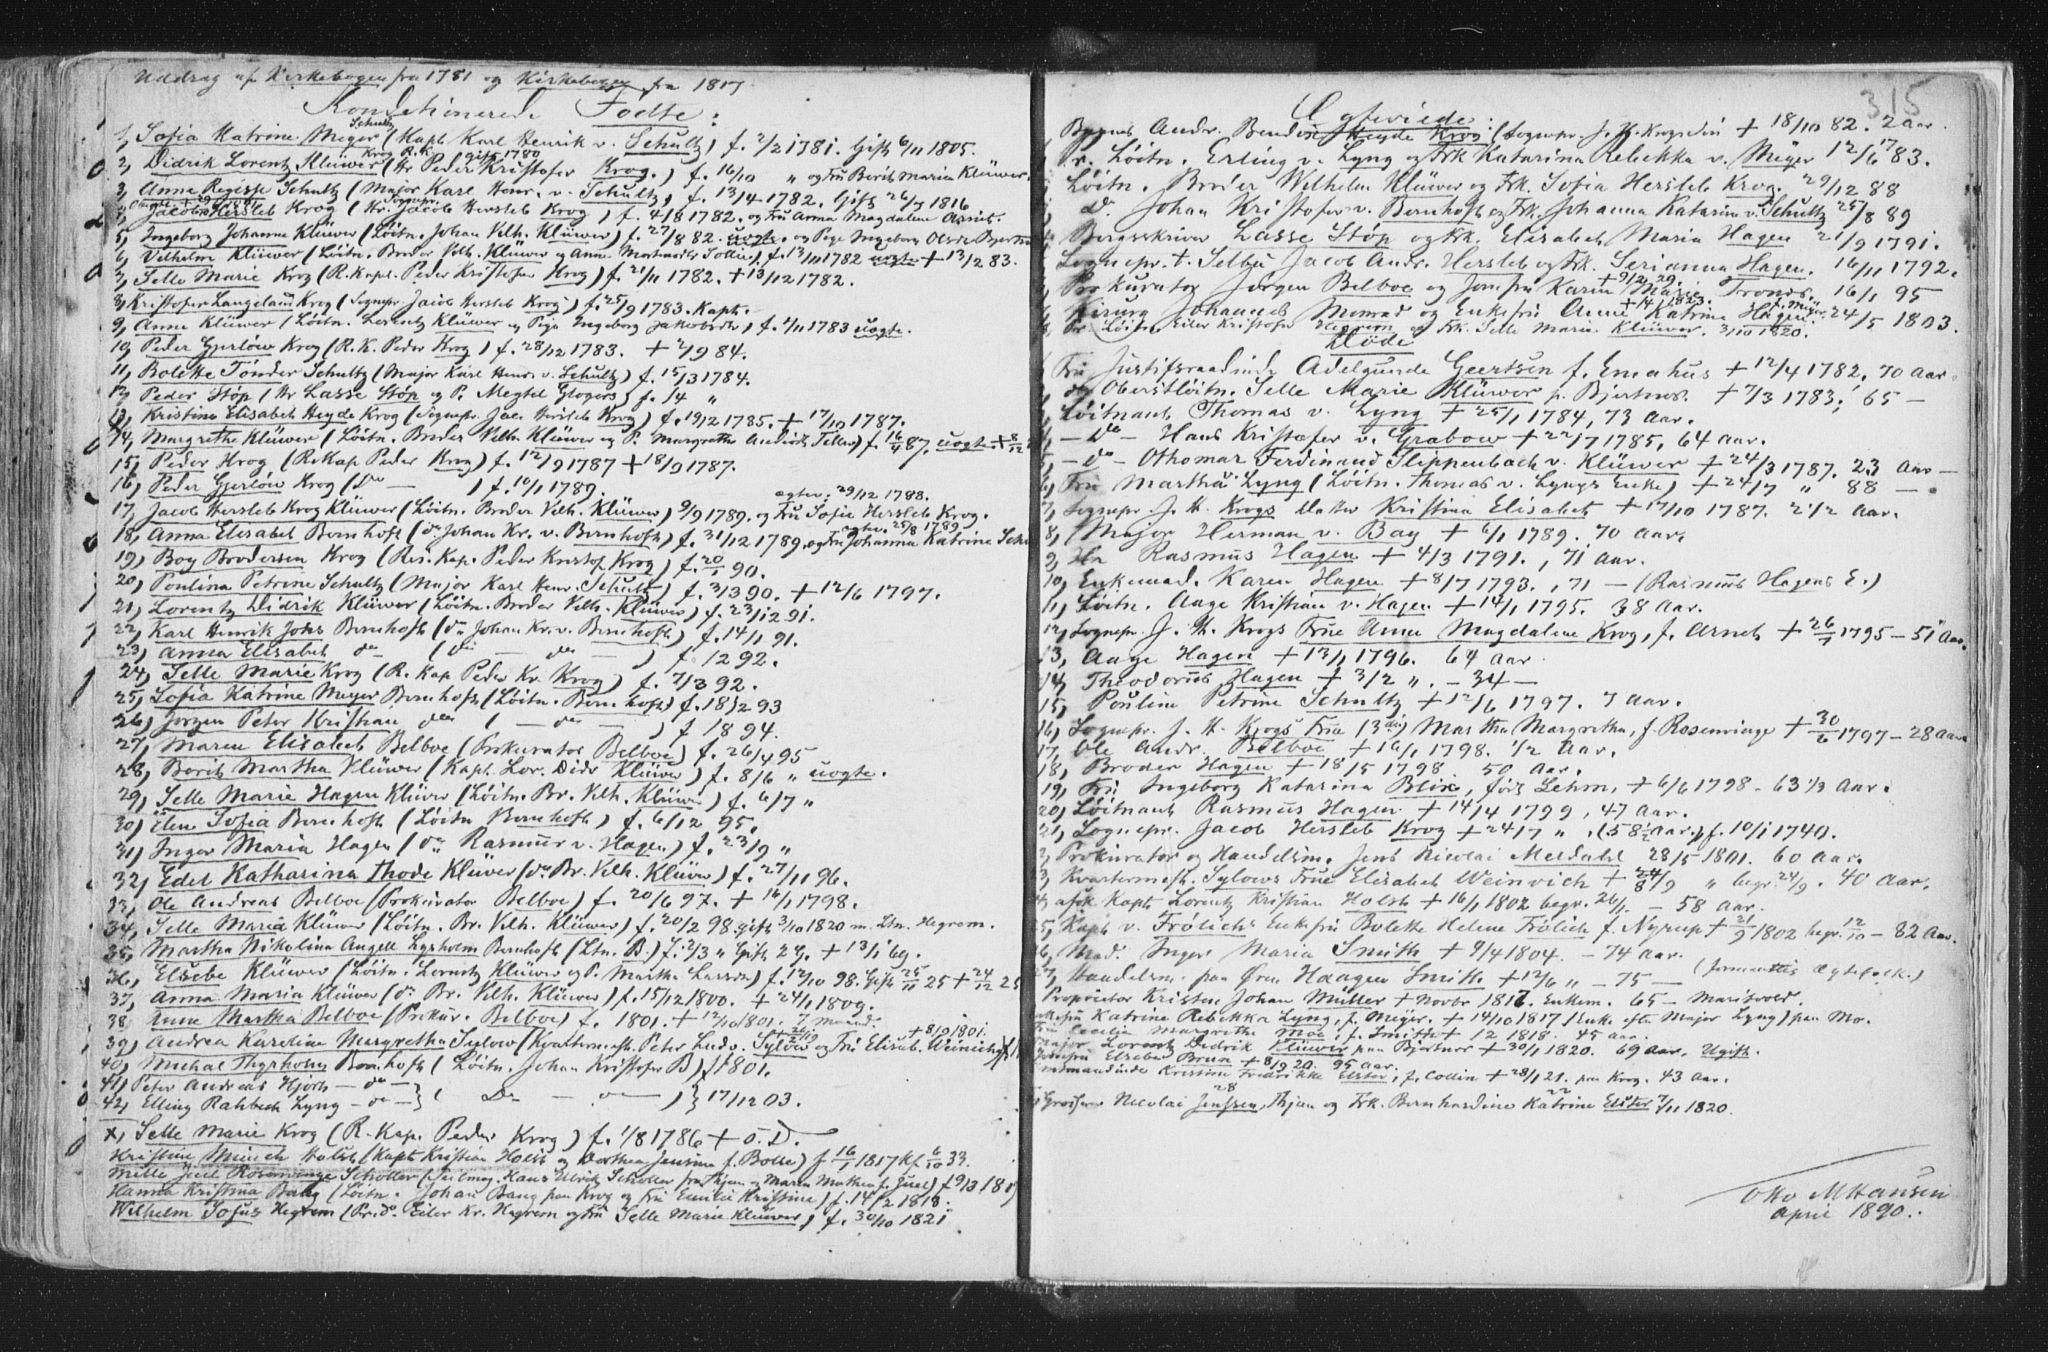 SAT, Ministerialprotokoller, klokkerbøker og fødselsregistre - Nord-Trøndelag, 723/L0232: Ministerialbok nr. 723A03, 1781-1804, s. 315